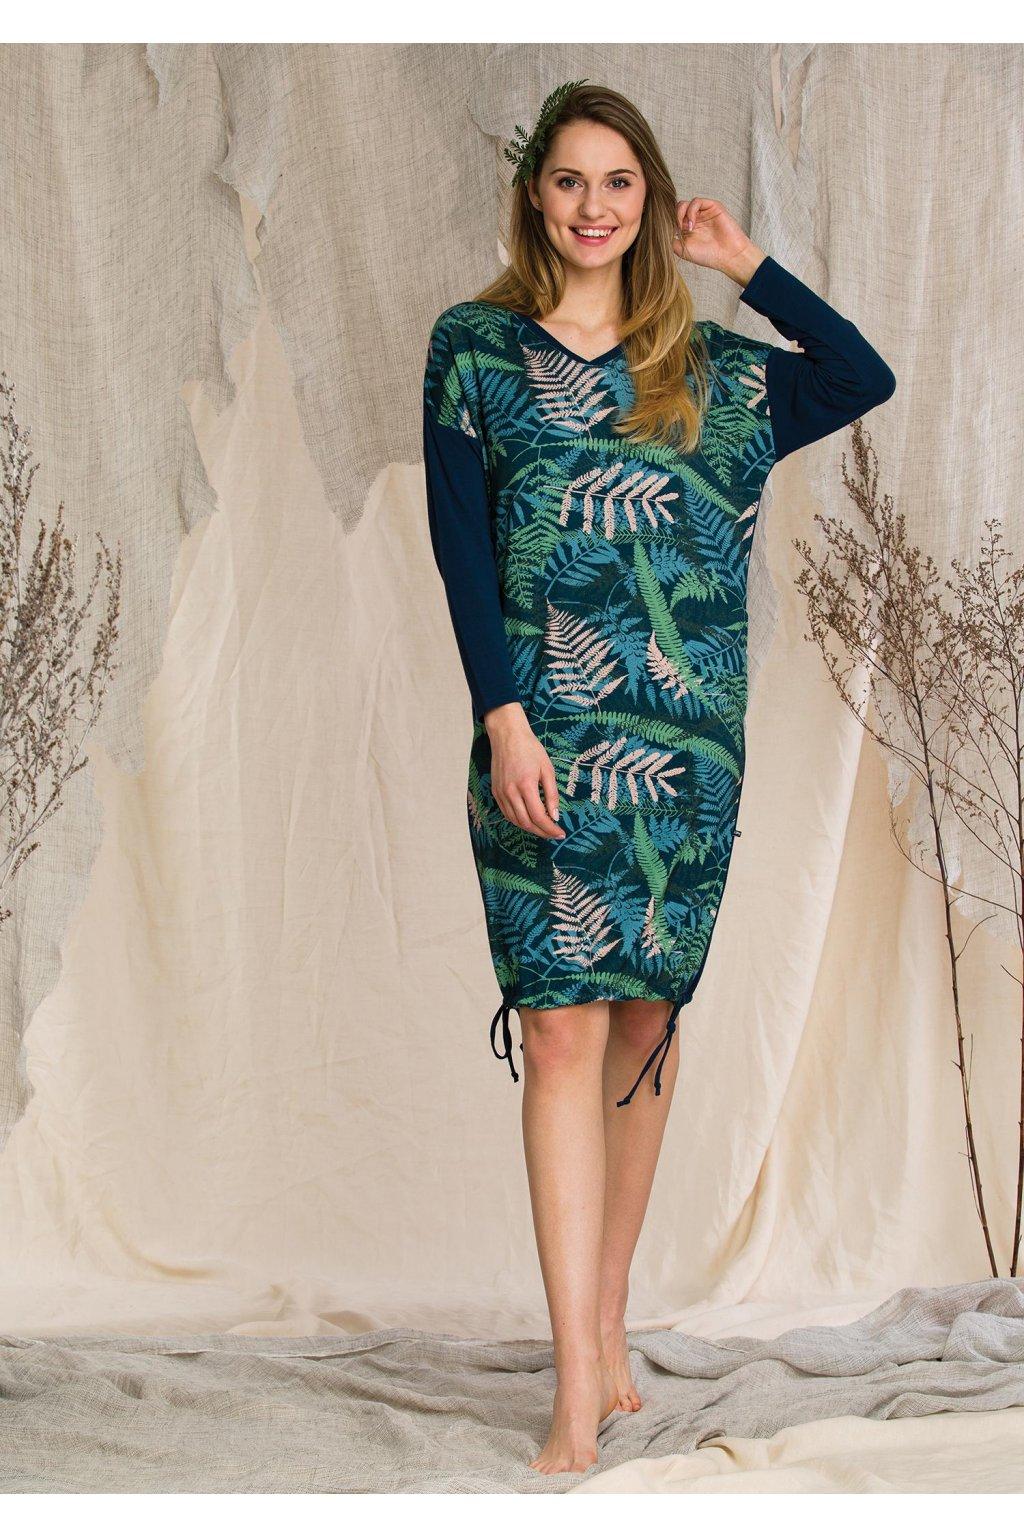 luzna sukienka homewear w paprocie lhd 901 1